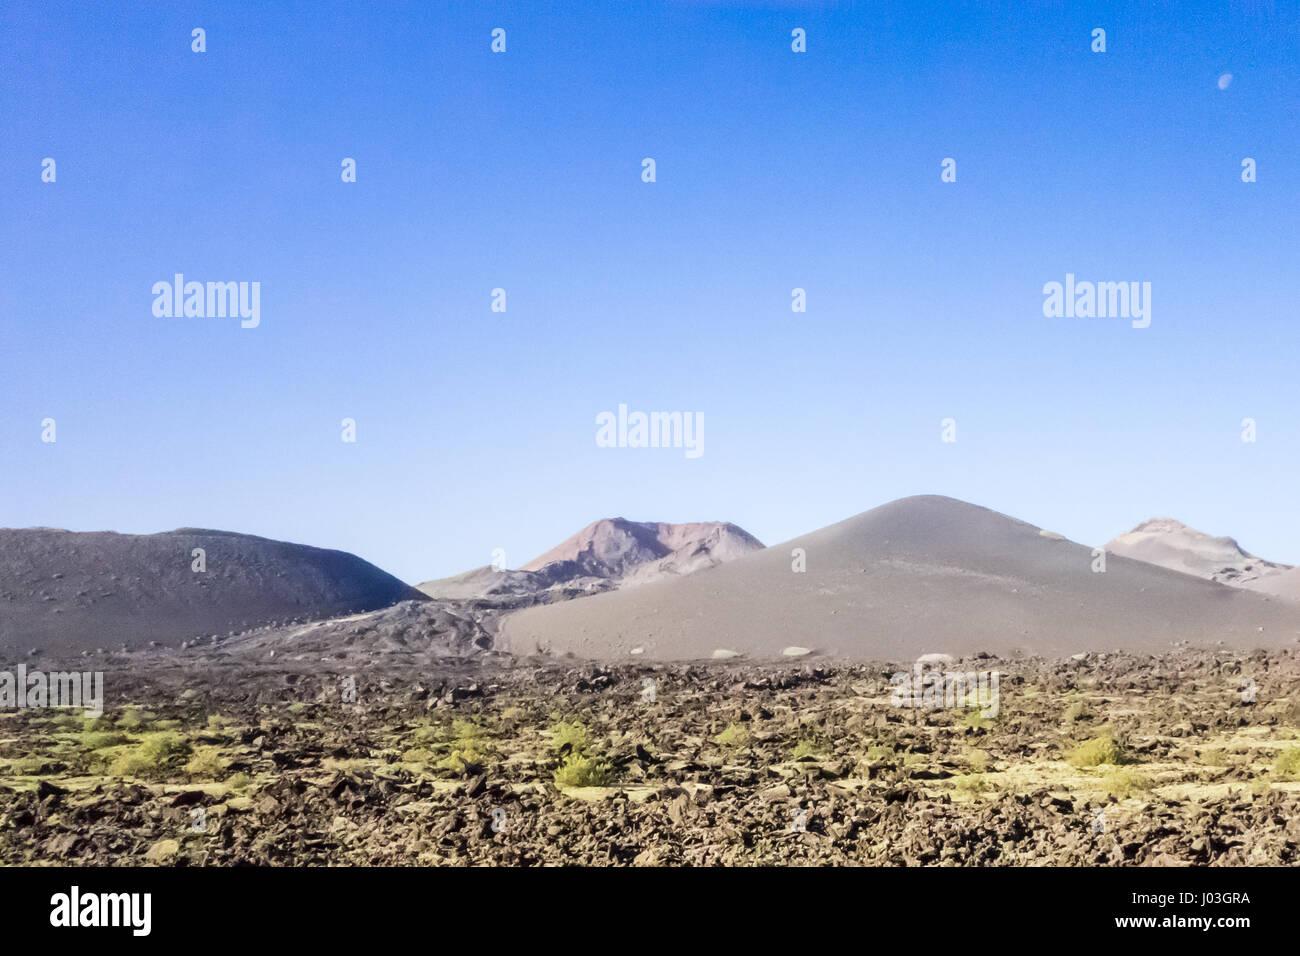 Volcanoes around Caldera de la Rilla, just outside the National Park of Timanfaya in Lanzarote. - Stock Image